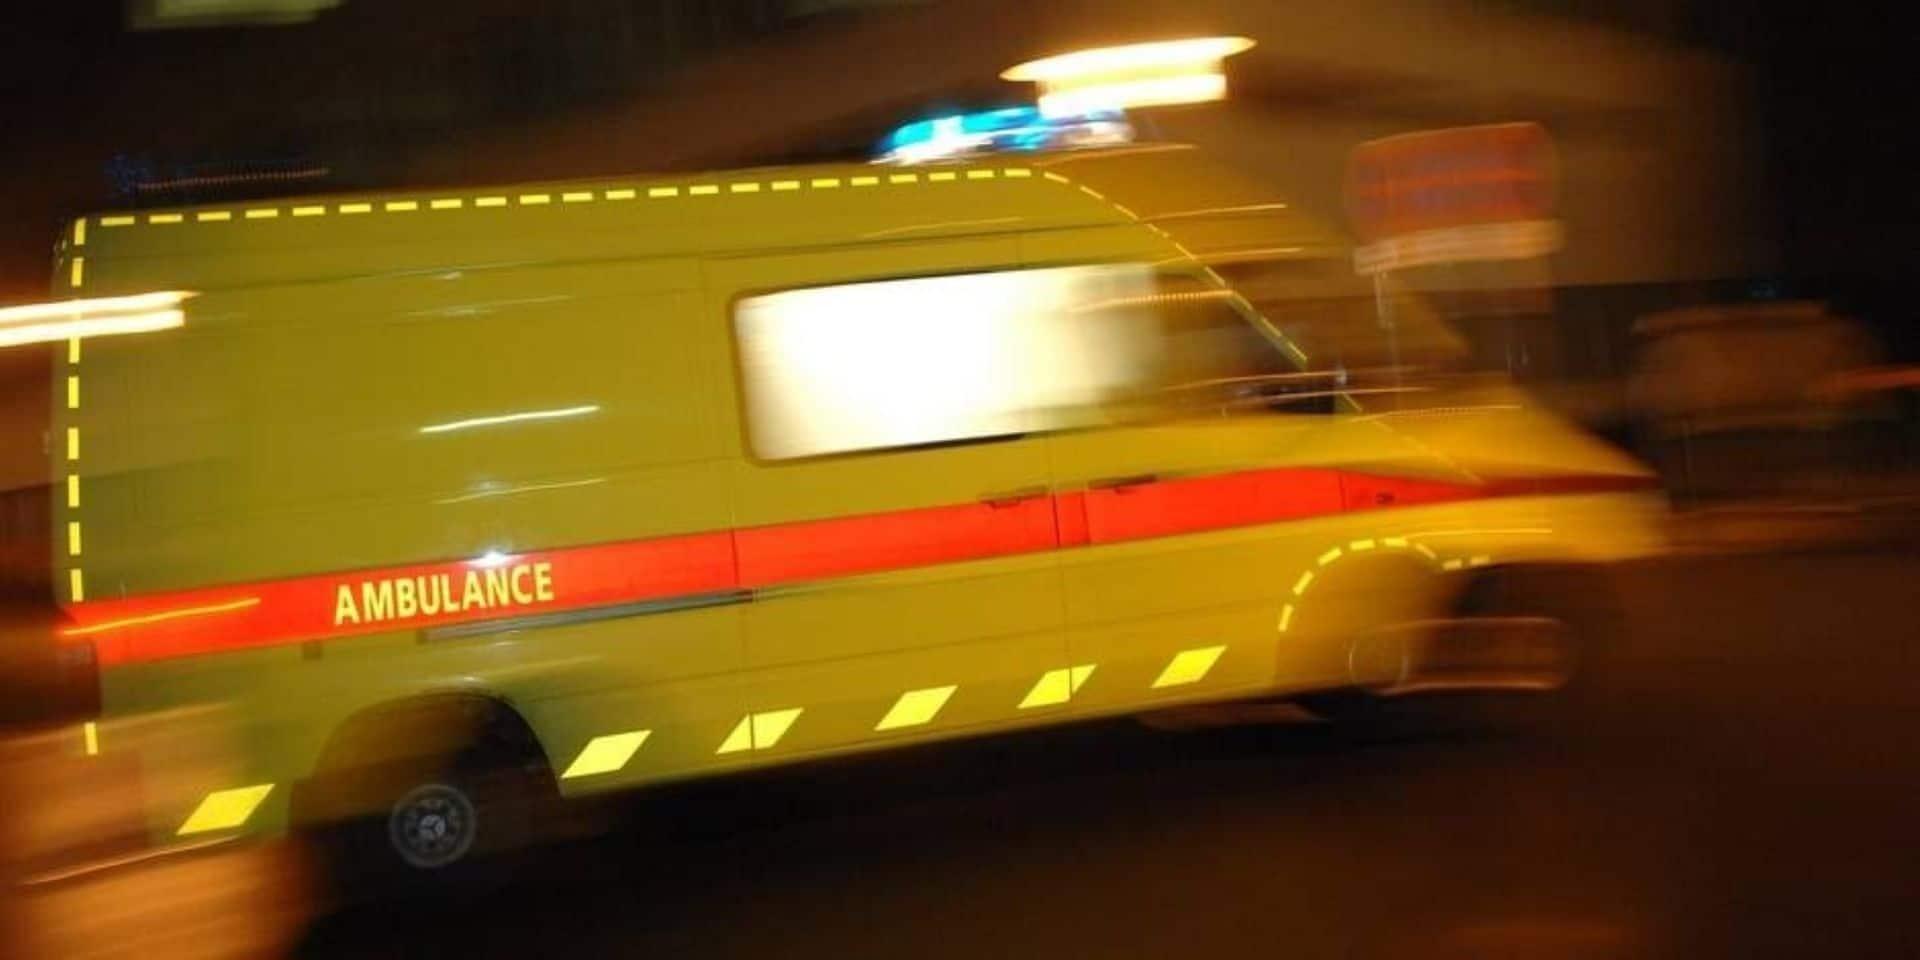 Accident sur l'autoroute E 411 à hauteur d'Etalle : un blessé